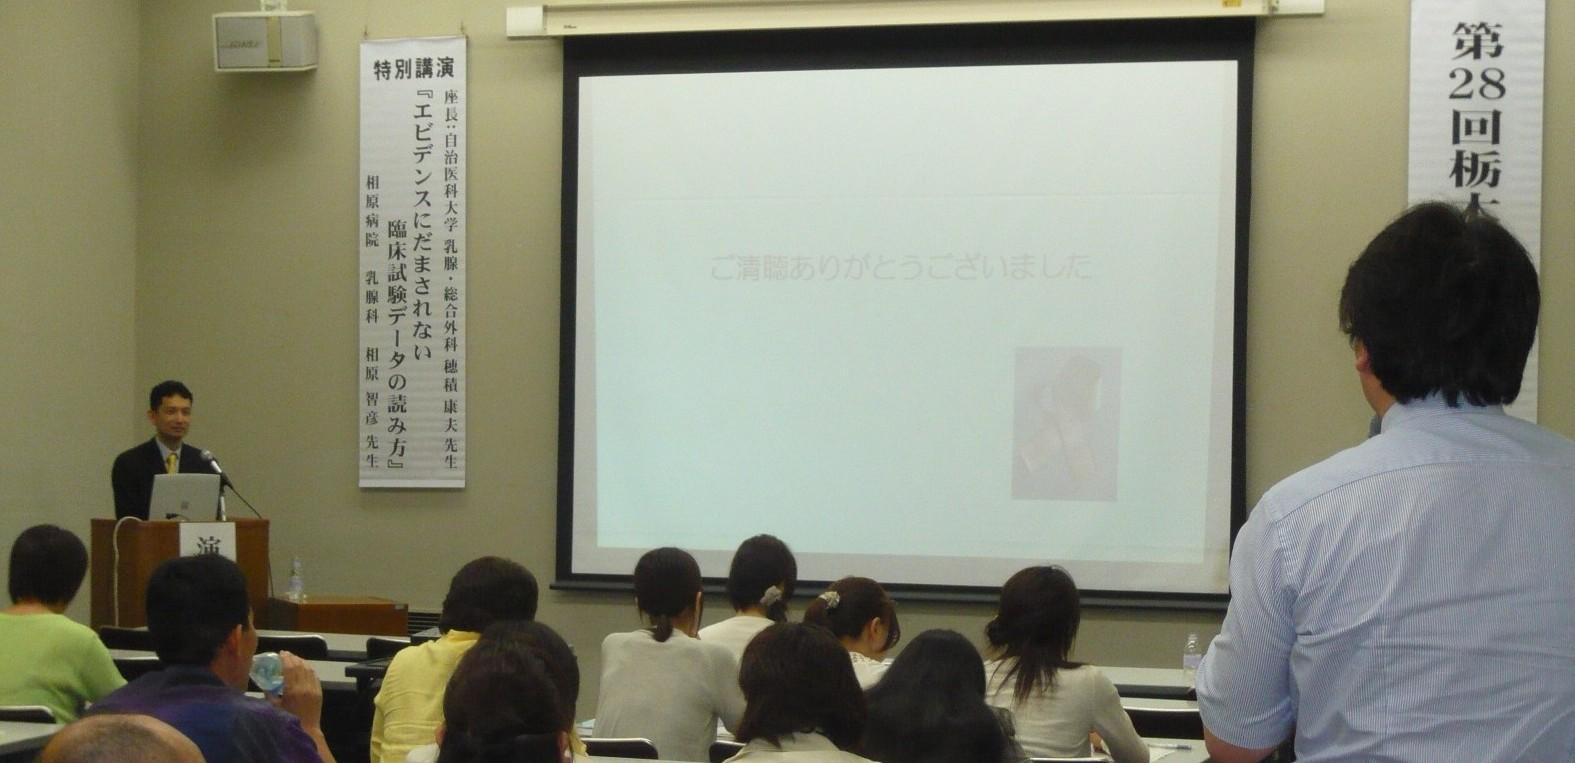 栃木県乳腺研究会で講演してきました_f0123083_23385185.jpg